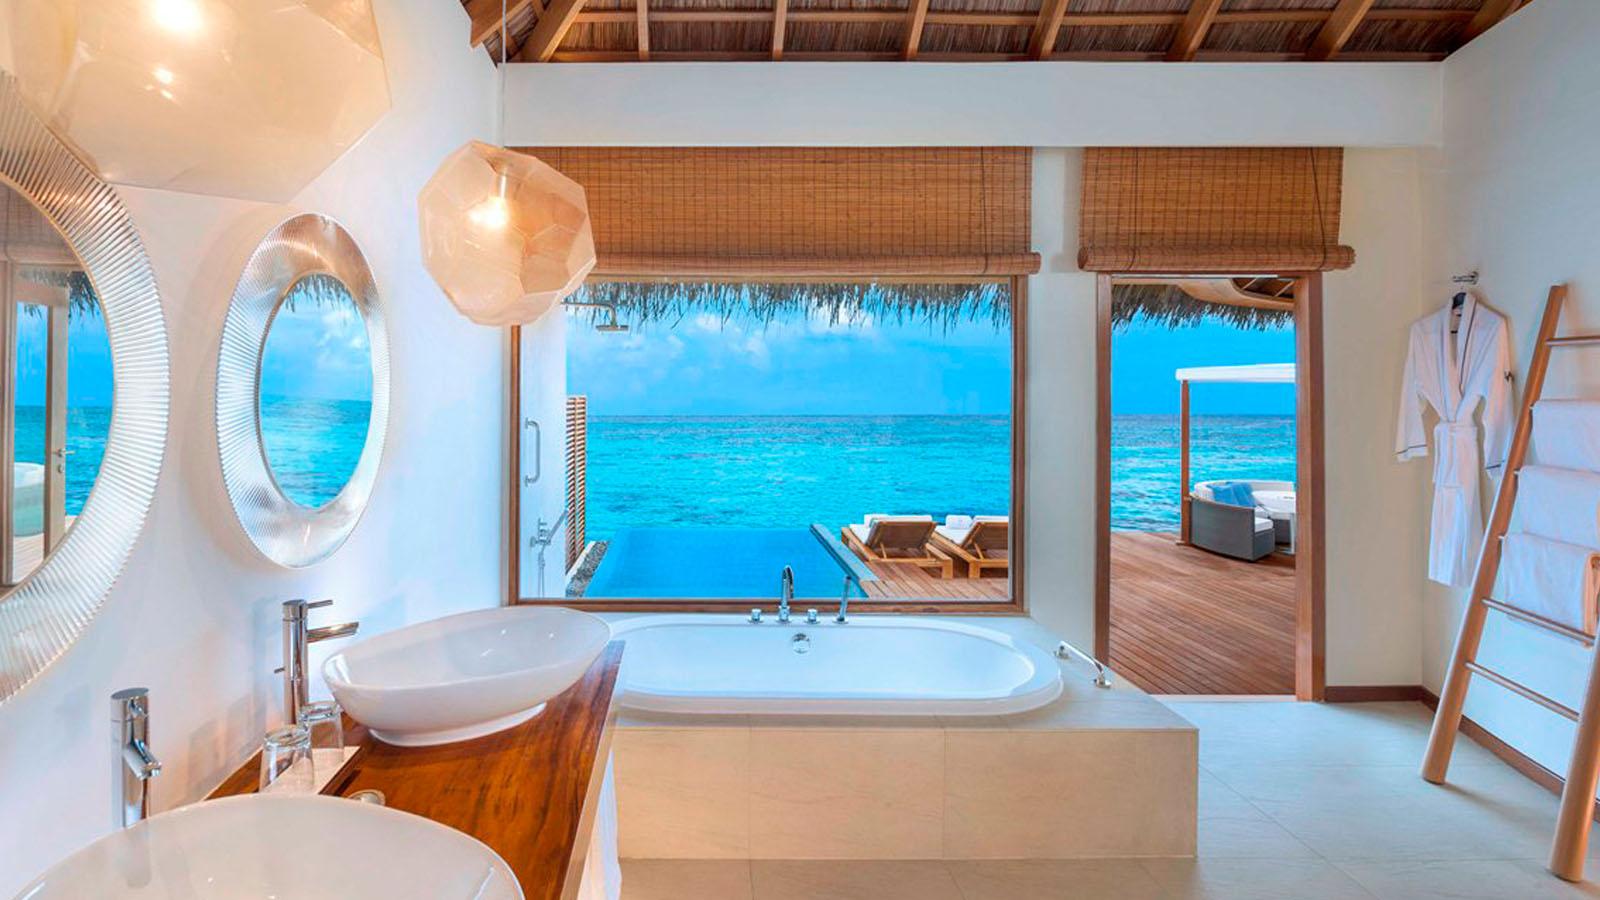 W Retreat and Spa Maldives (11)